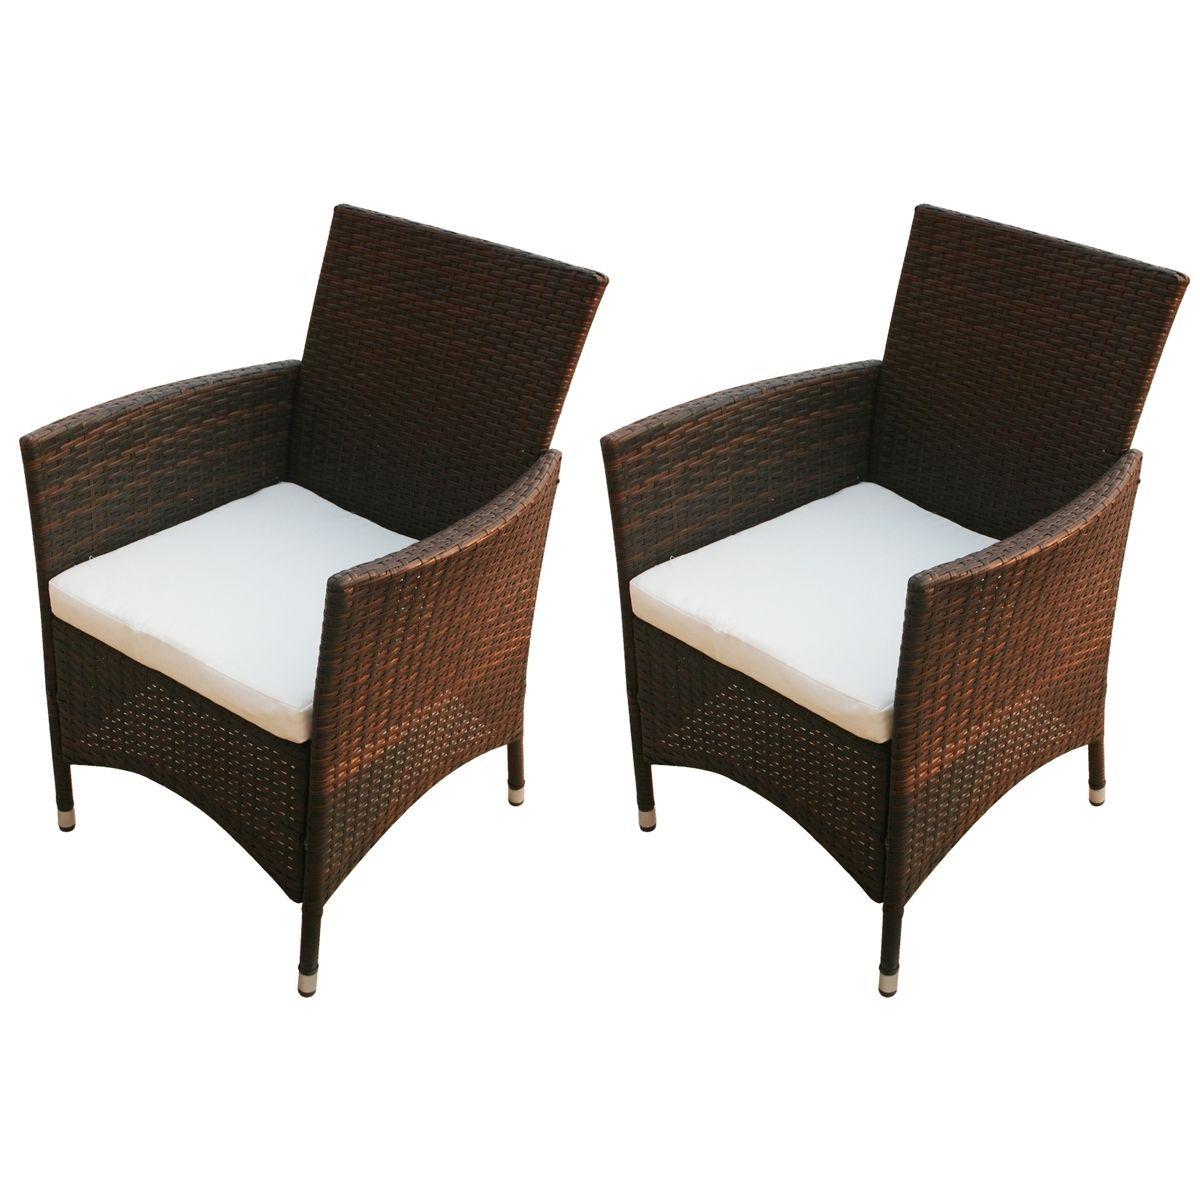 Set Rattan Garden Furniture Set 2 Pieces Brown Rattan chair | eBay ...